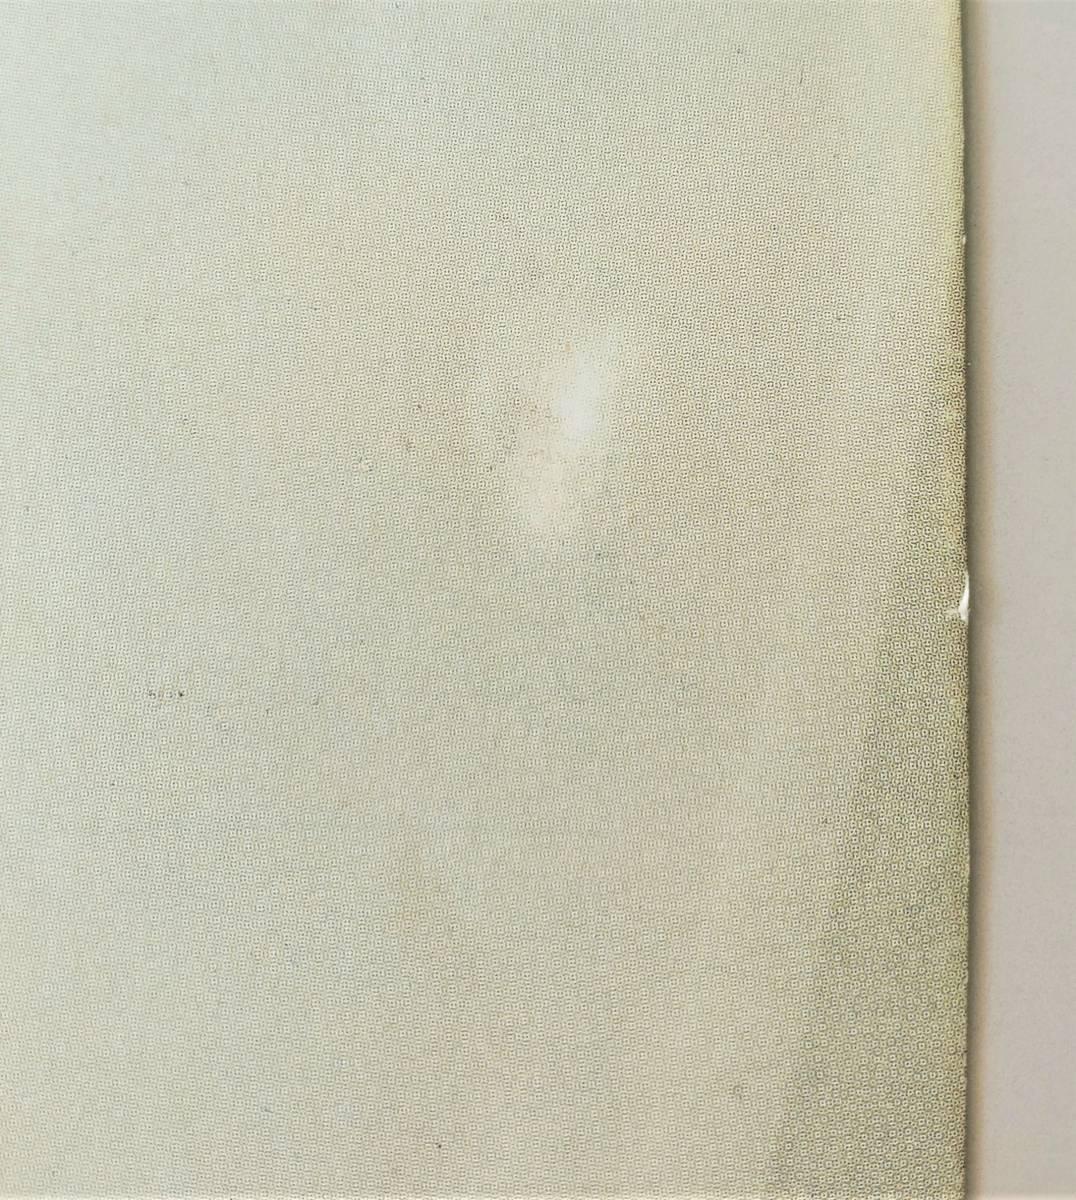 希少 日産 スカイライン GT カタログ S54 LS54AE Prince PMC プリンス ダットサン 左ハンドル車 レトロ 2000GT A200 6気筒OHC スポーツ_画像4